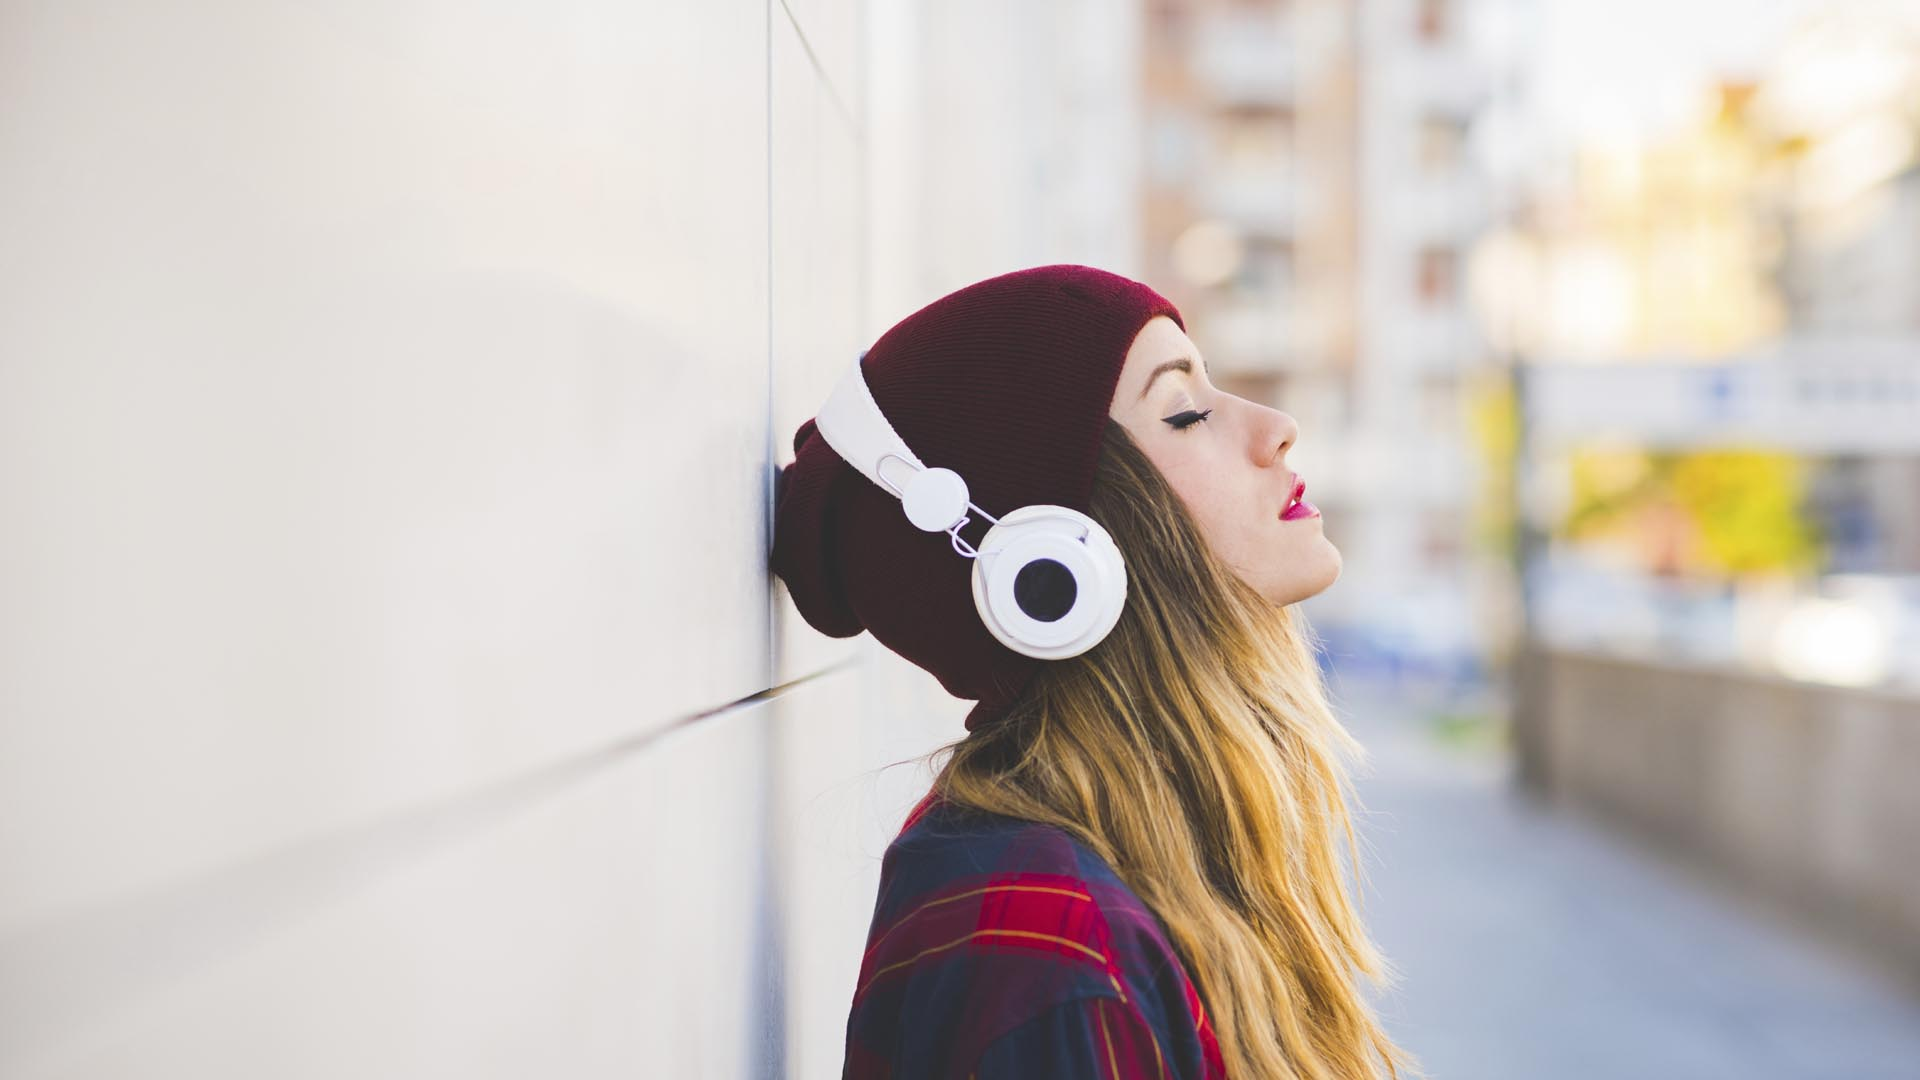 La música beneficia al cuerpo y a la mente. Escuchar la música adecuada puede beneficiarnos durante el día